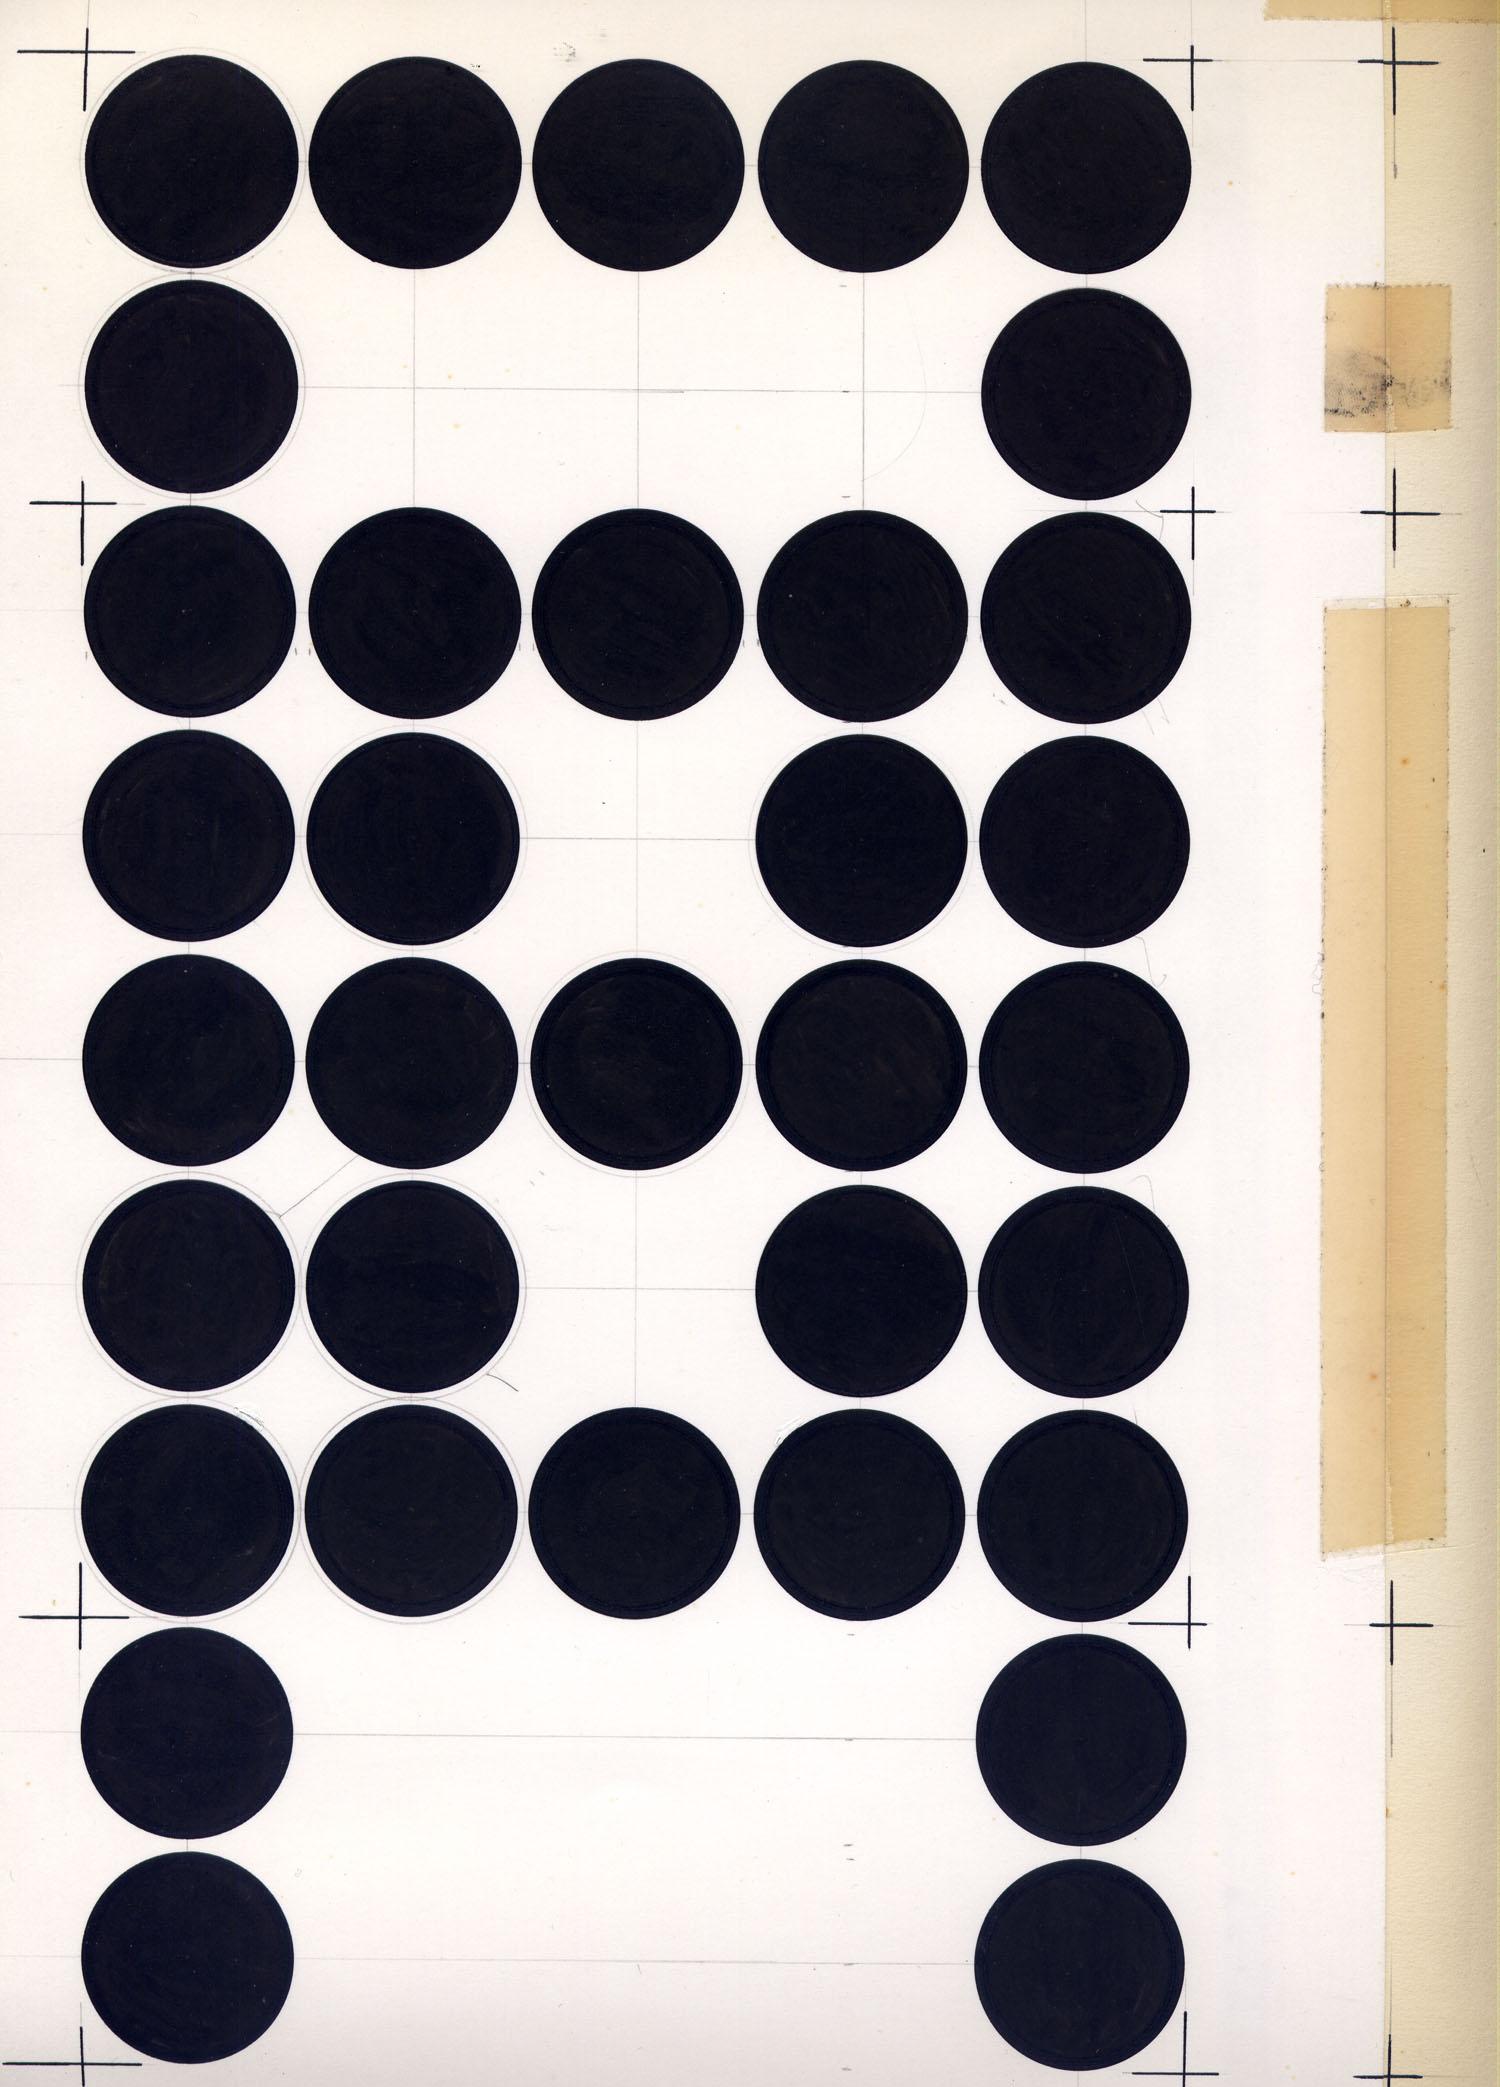 Basisvorm ontwerp het geheugen van nederland online beeldbank van archieven musea en - Zoom ontwerp ...